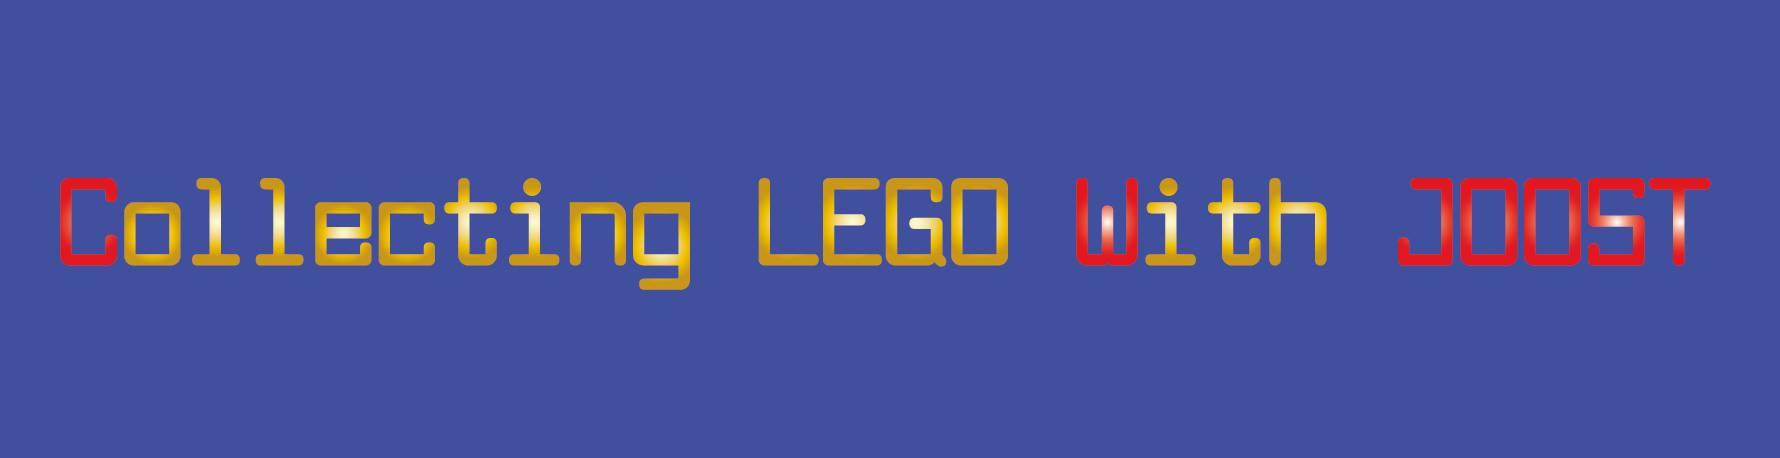 CWJoost 100% LEGO